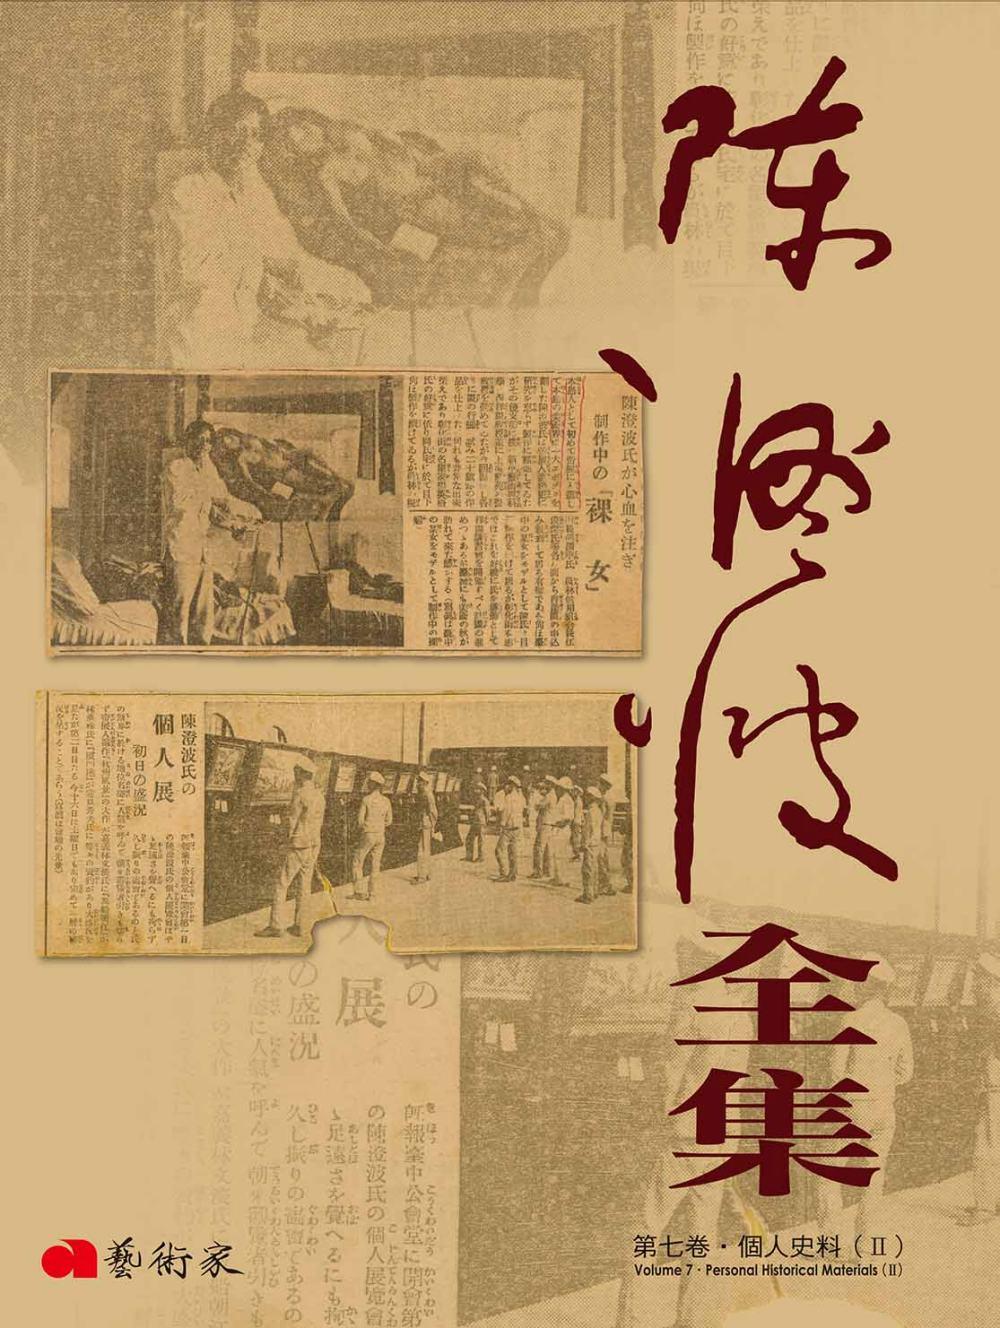 陳澄波全集第七卷:個人史料(Ⅱ)